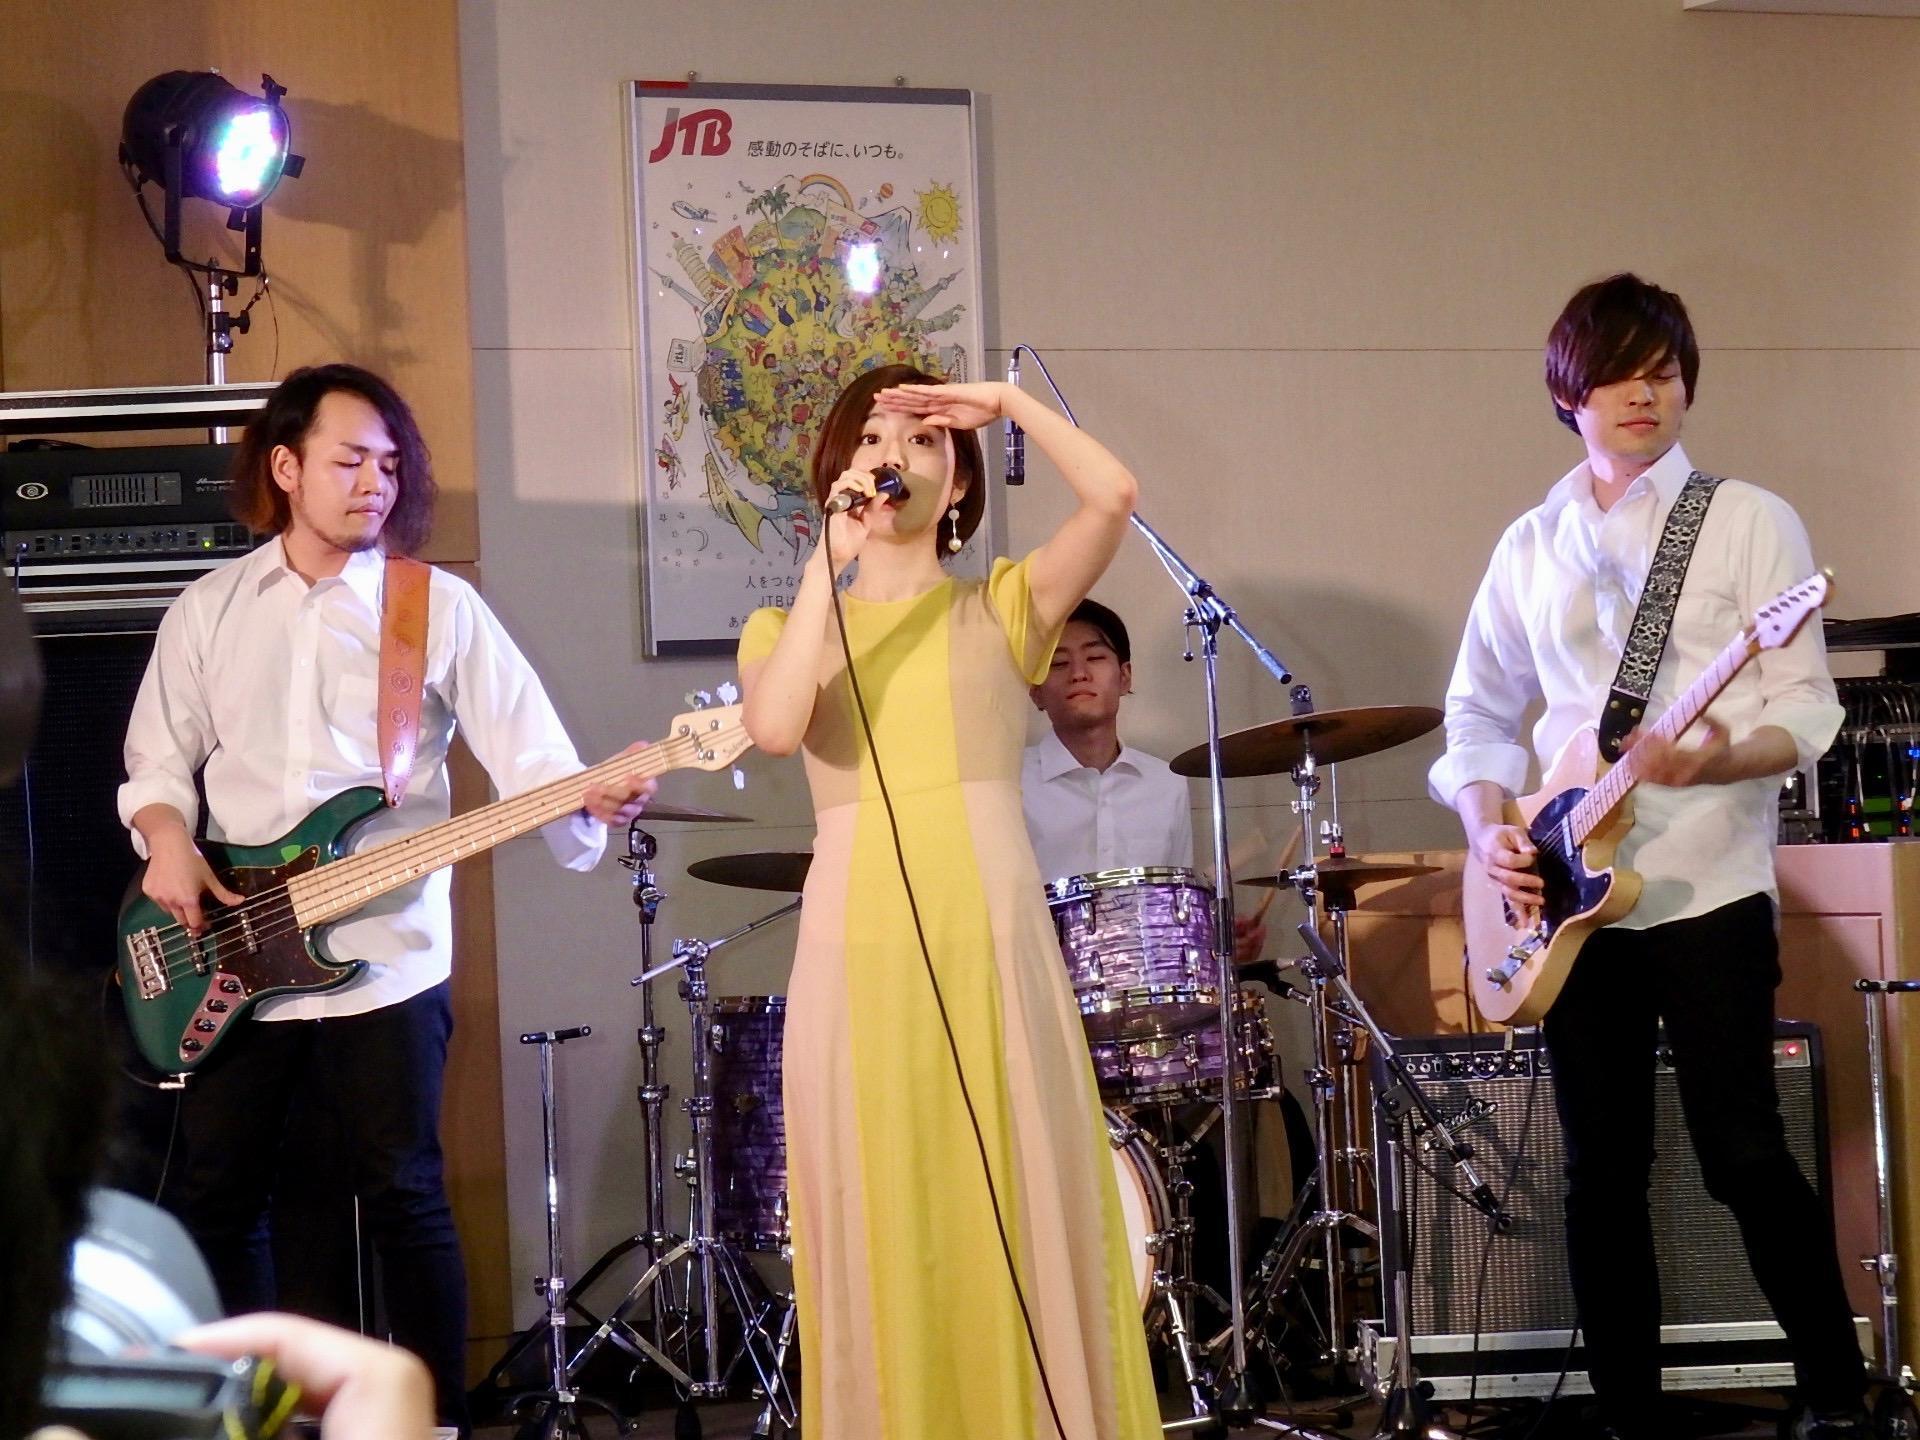 http://news.yoshimoto.co.jp/20190122223125-c44c7c6df400a6e597190b7afa84bfed76121149.jpeg